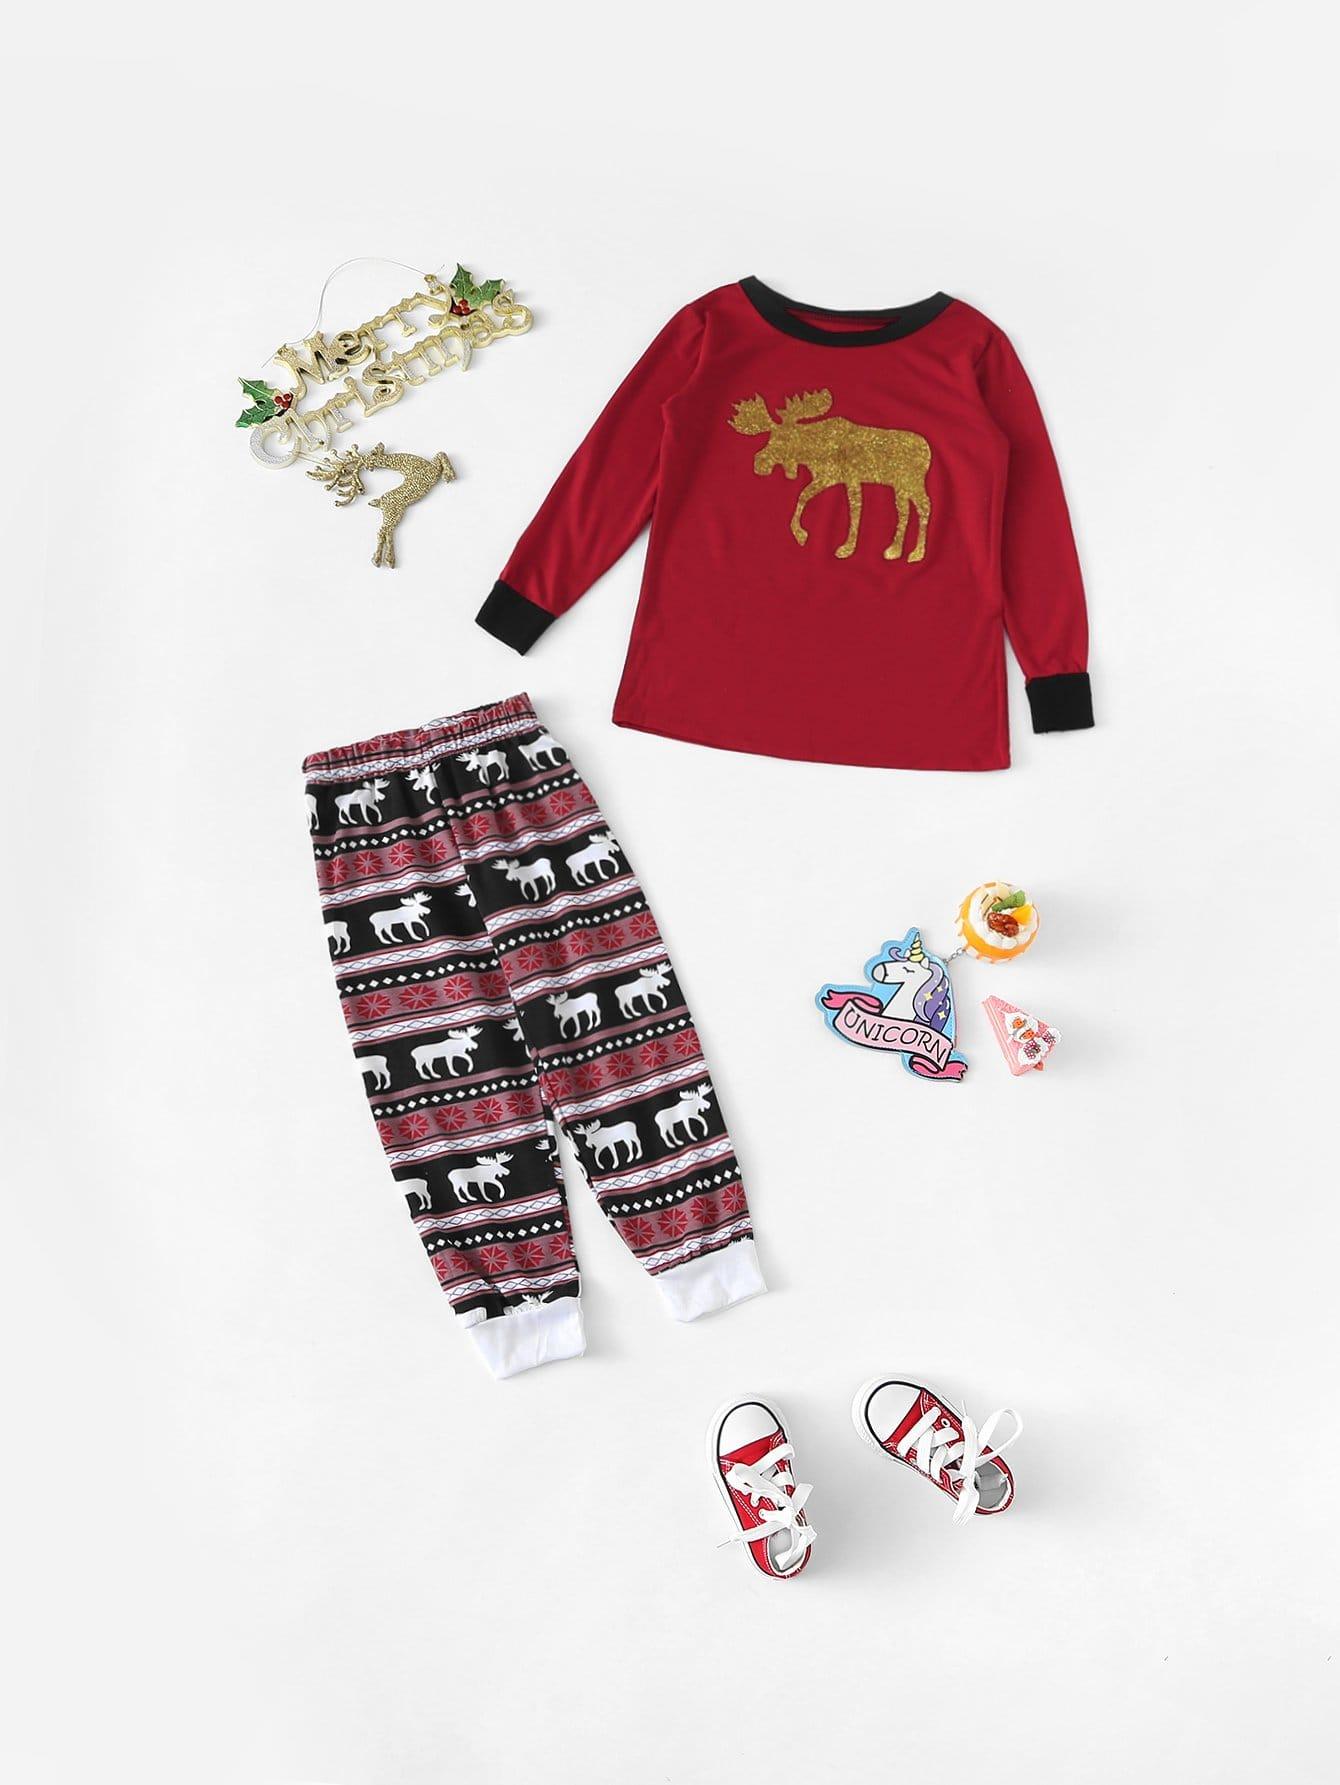 Купить Рождественский комплект полосатой пижамы с принтом оленя для детей, null, SheIn